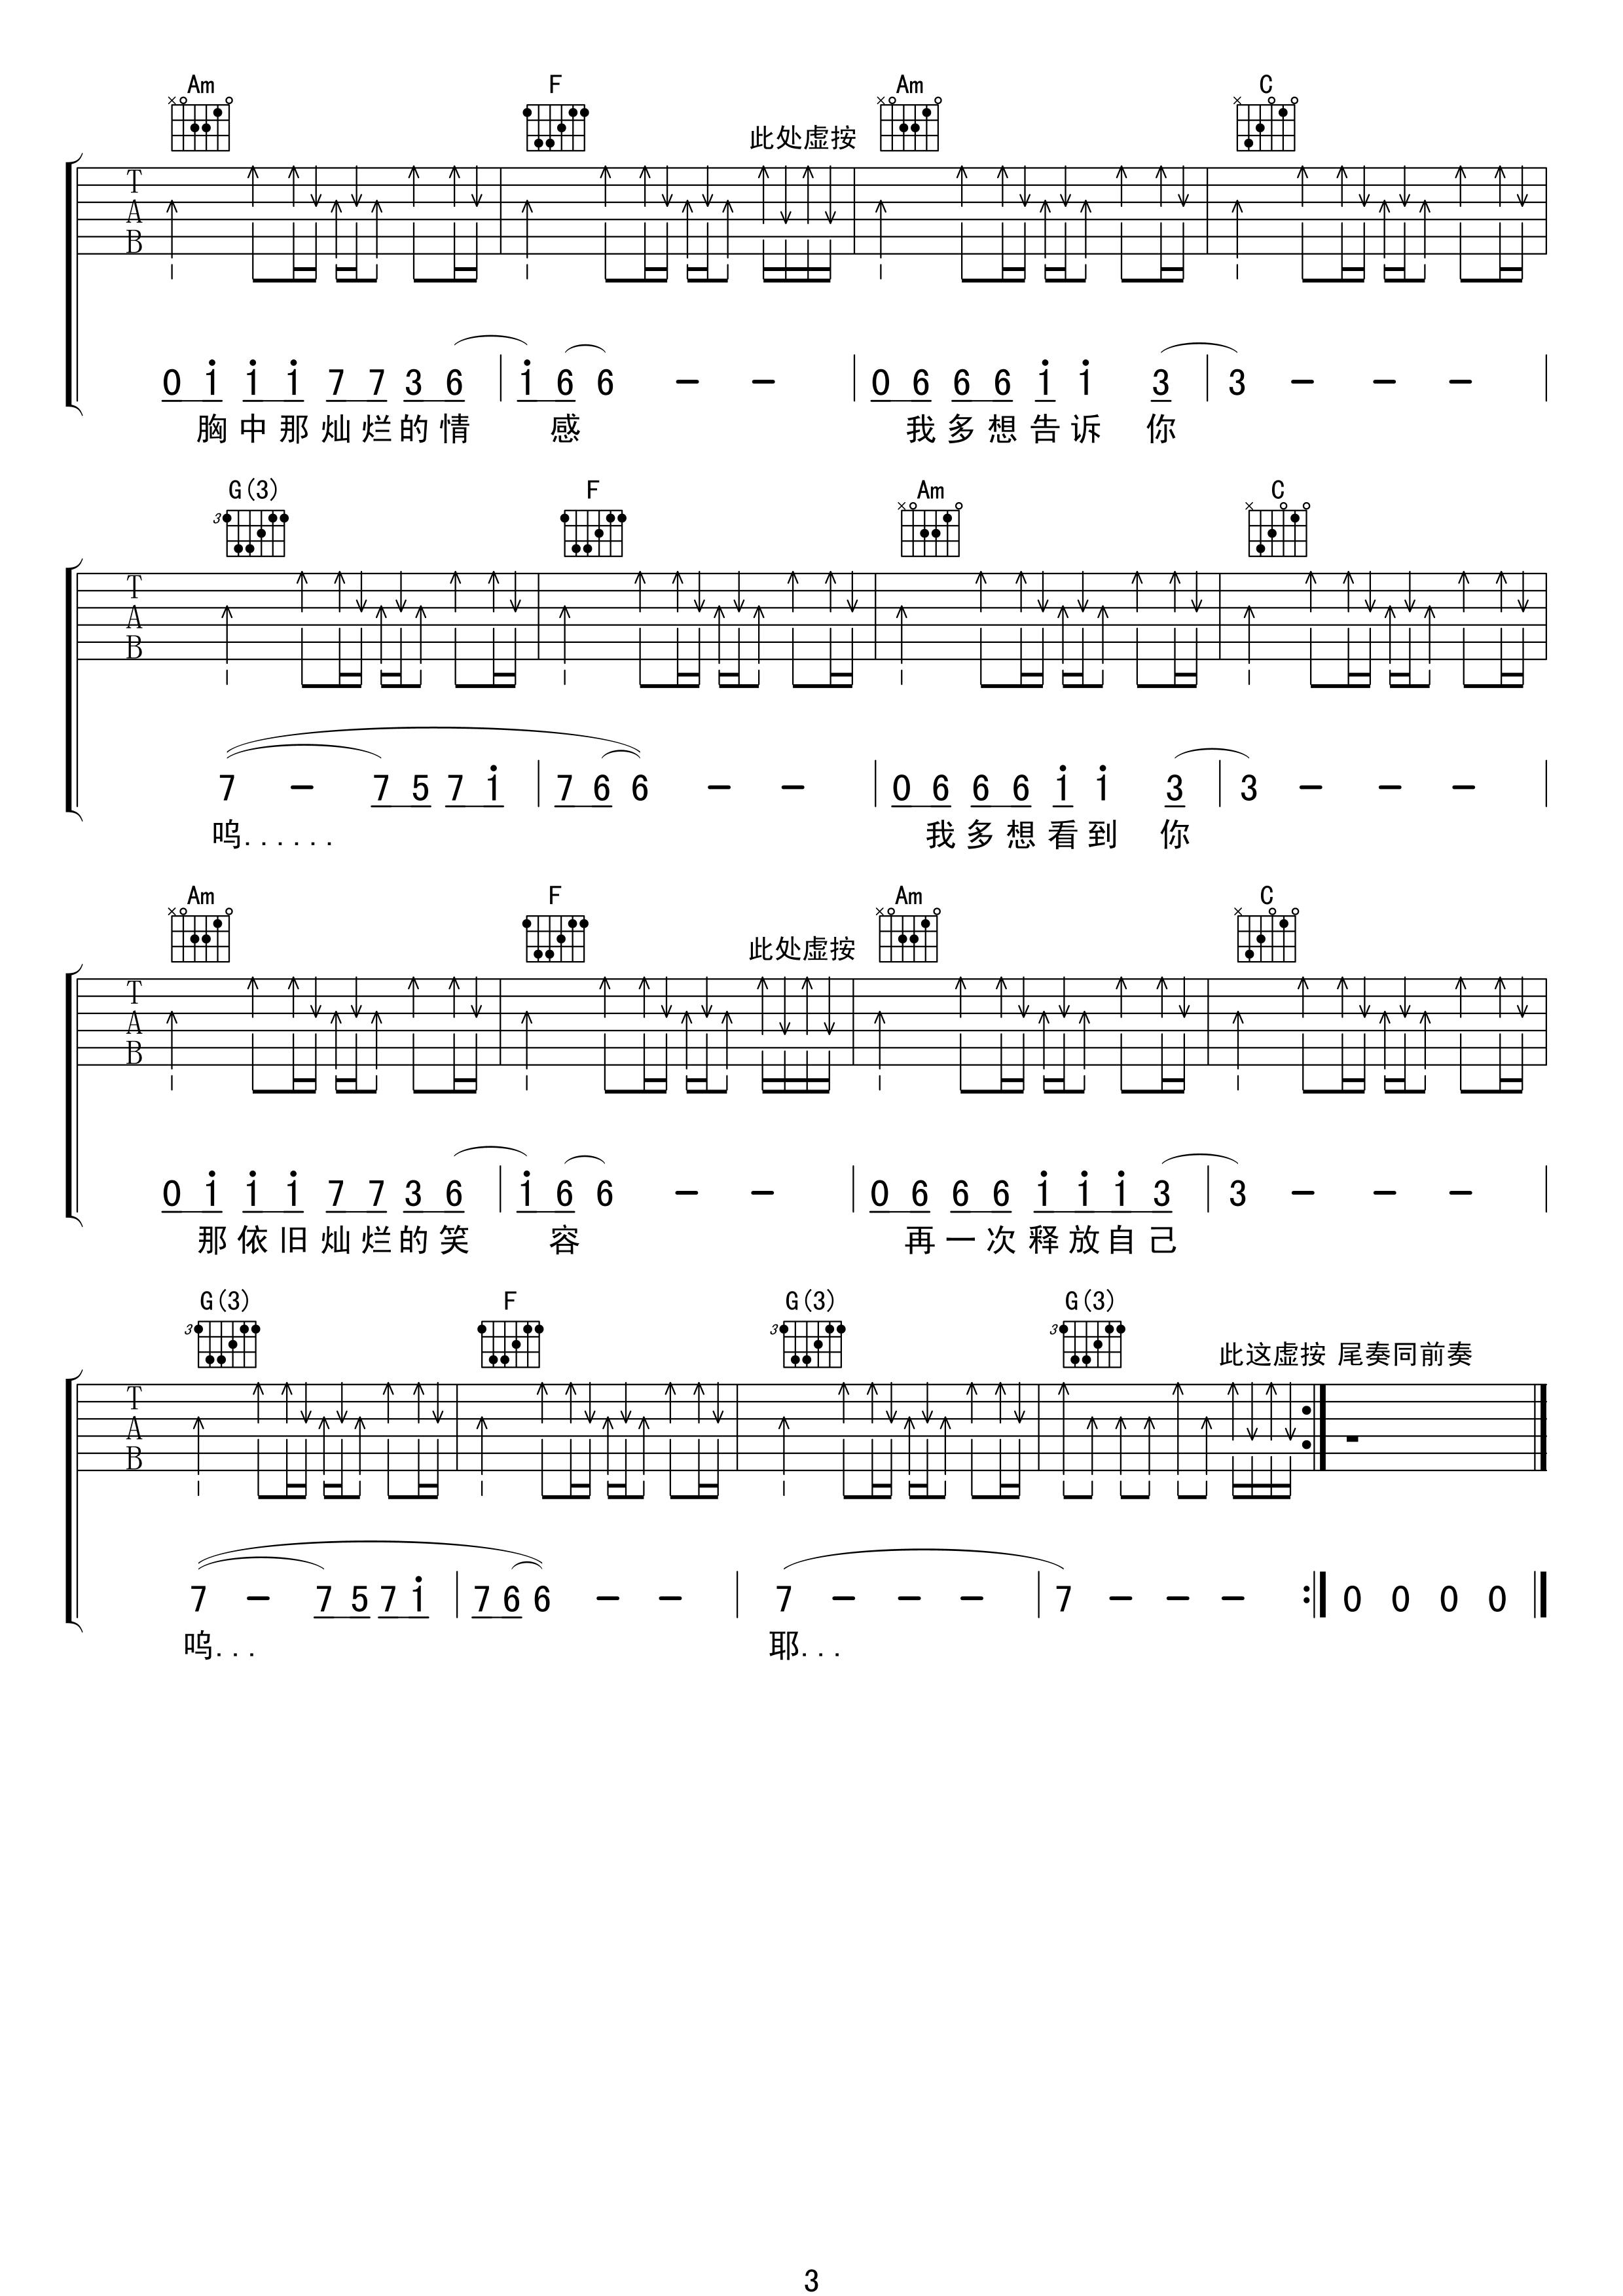 许巍《完美生活》吉他谱 C调原版吉他弹唱谱3